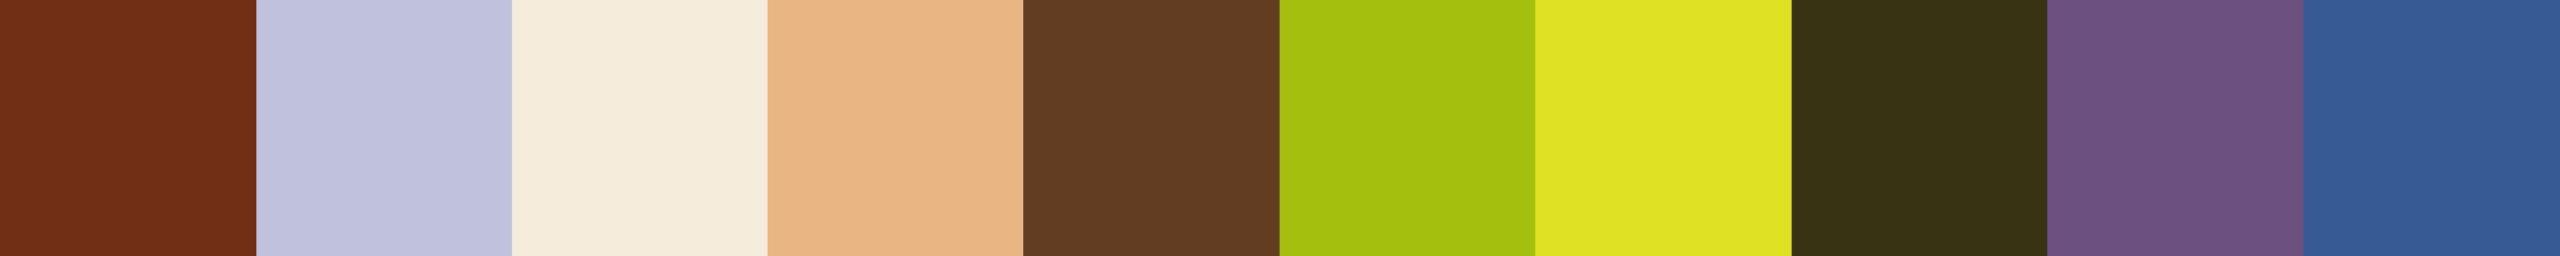 663 Poulkara Color Palette